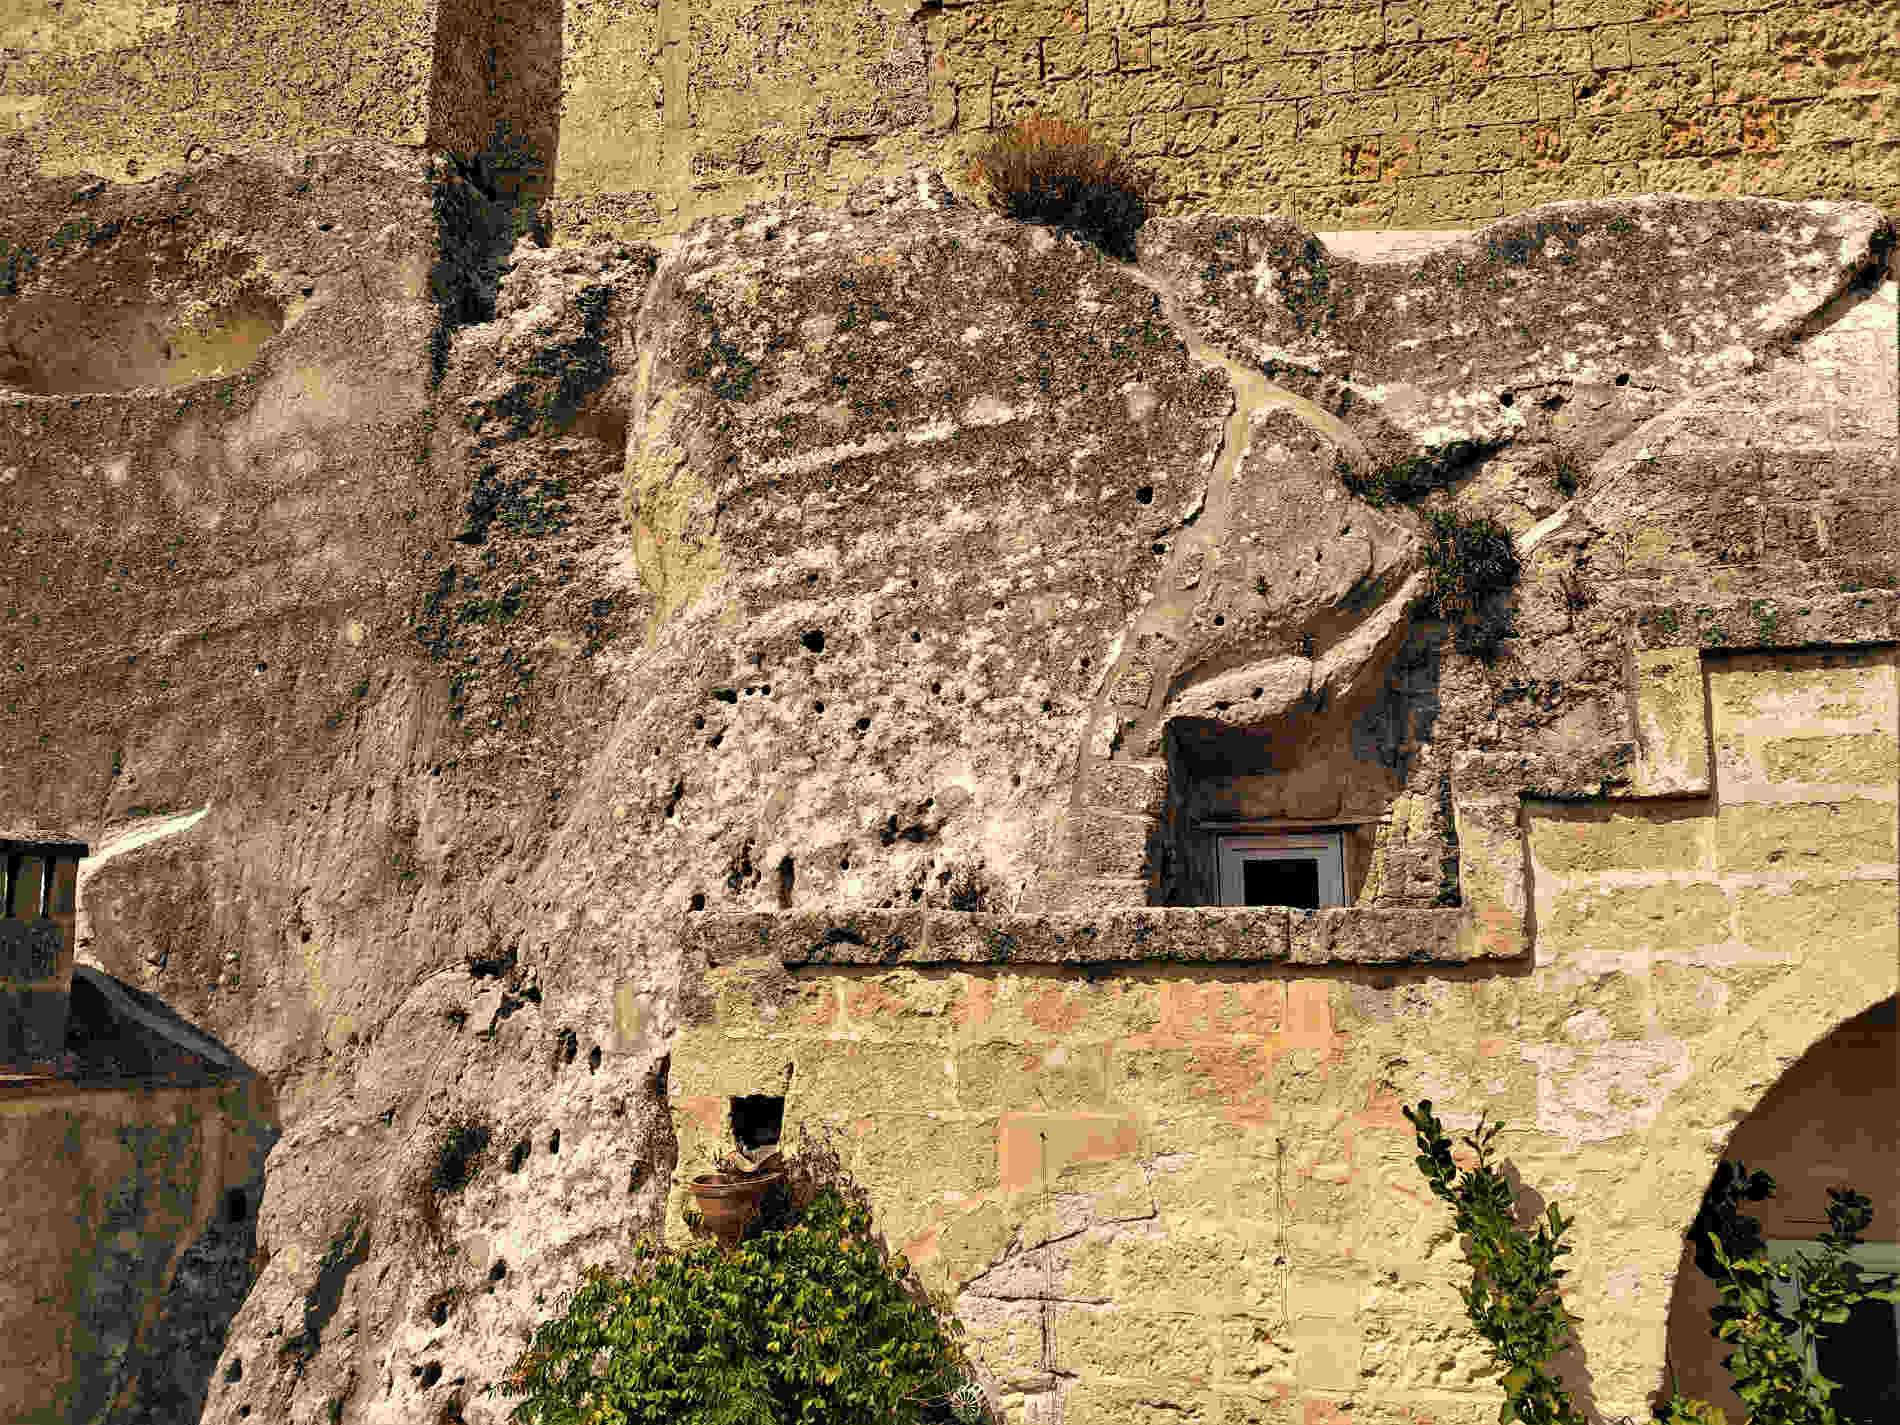 Canalizzazioni per la raccolta delle acque sui muri e nella roccia dei Sassi